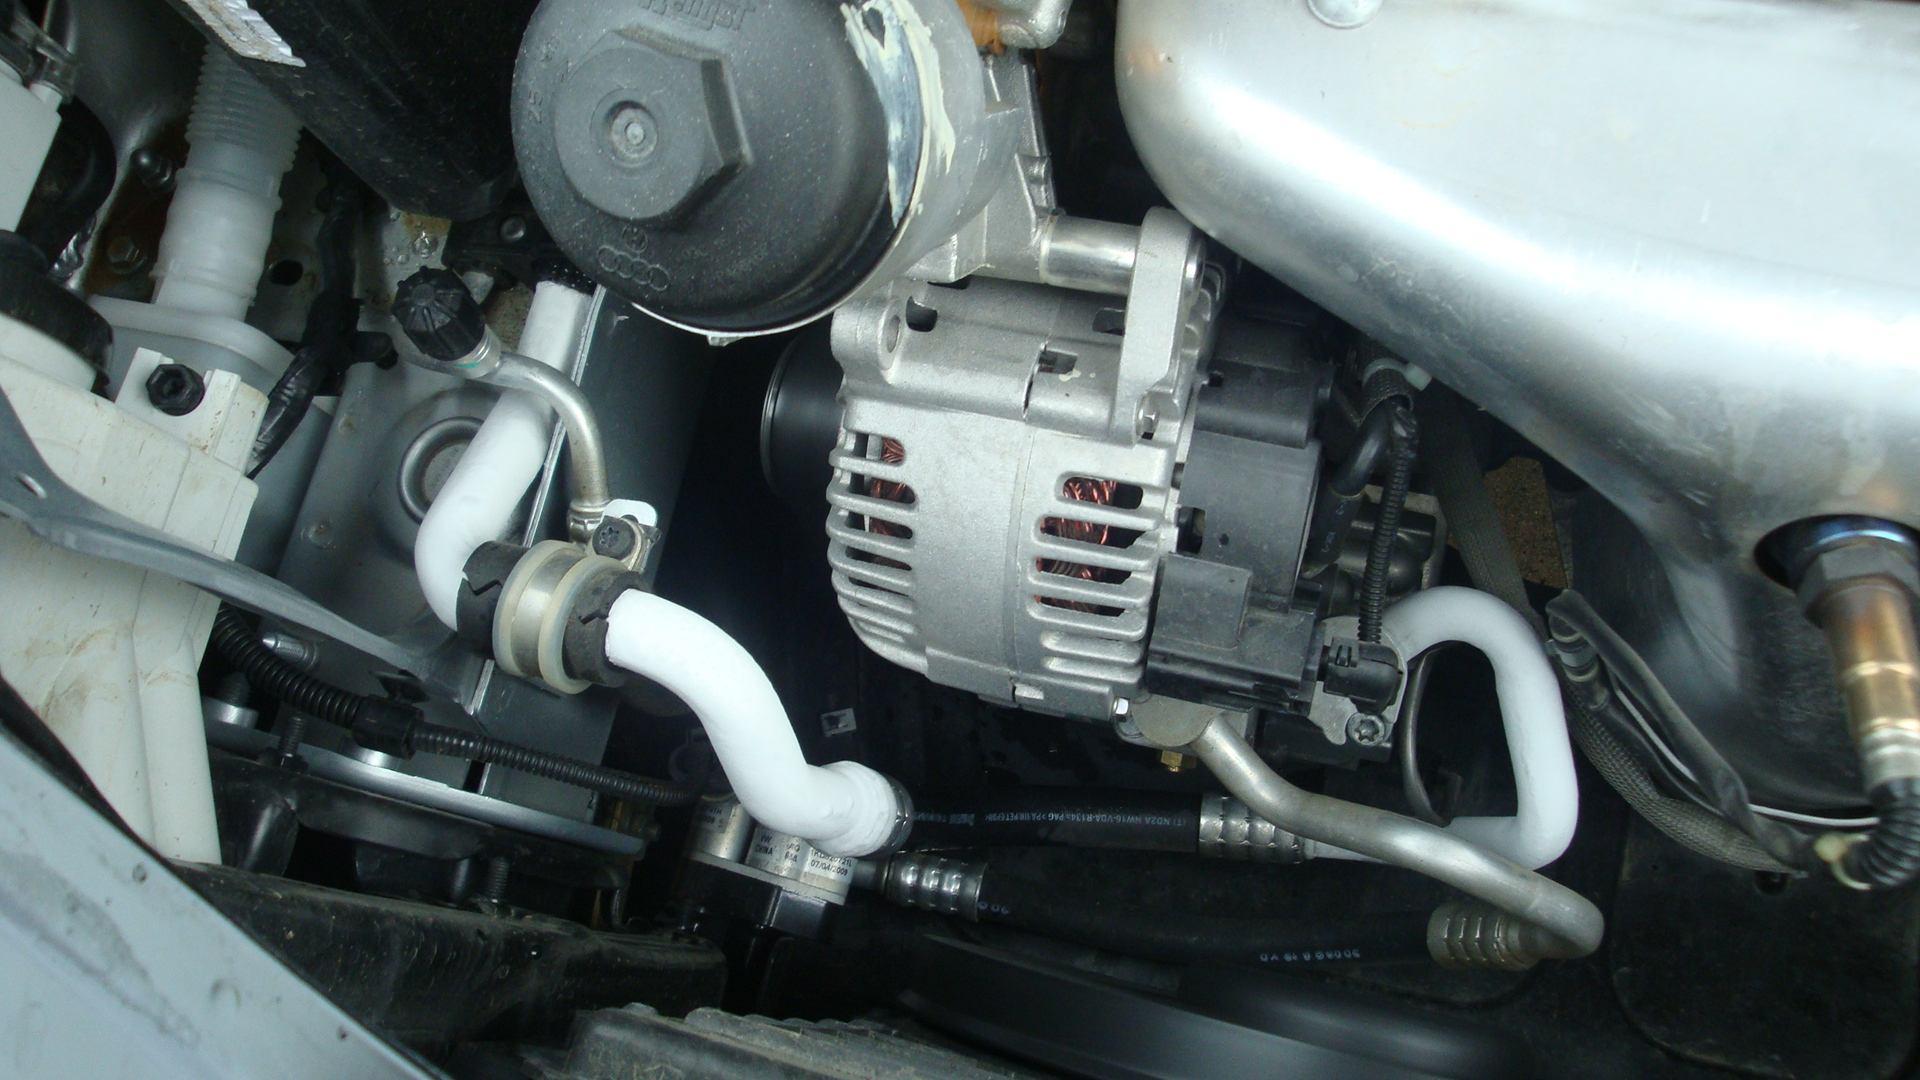 汽车空调泡沫清洗剂的危害有哪些?